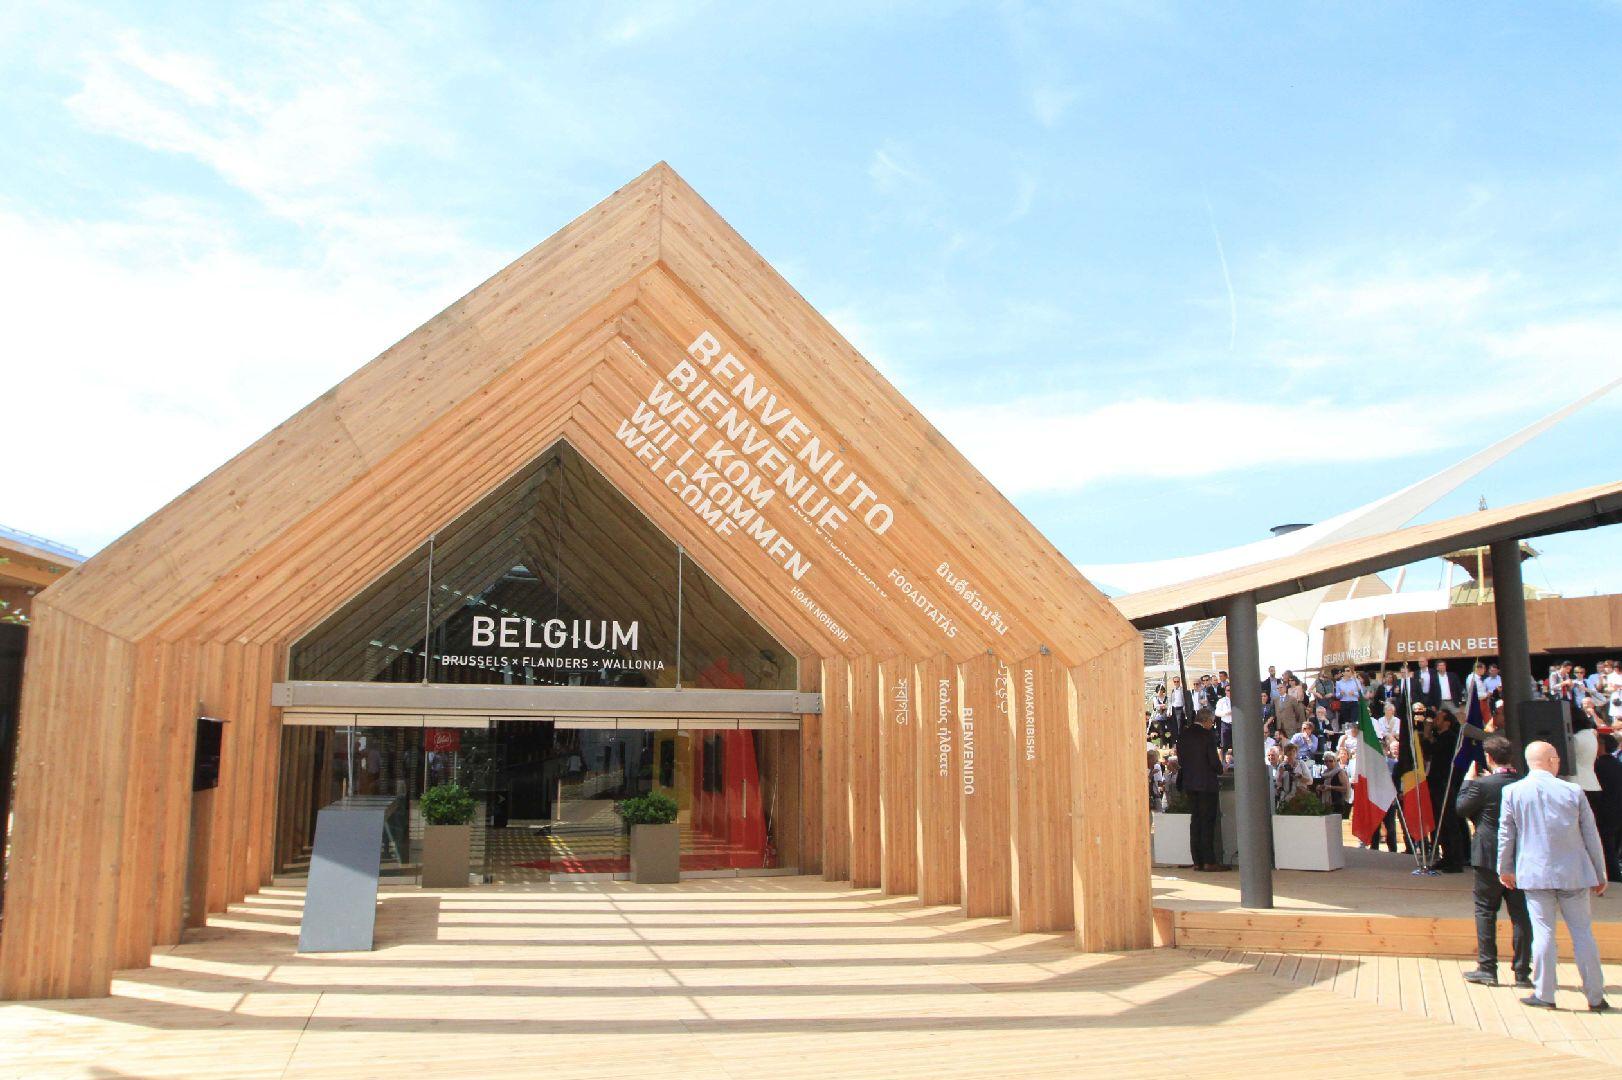 Expo Belgio